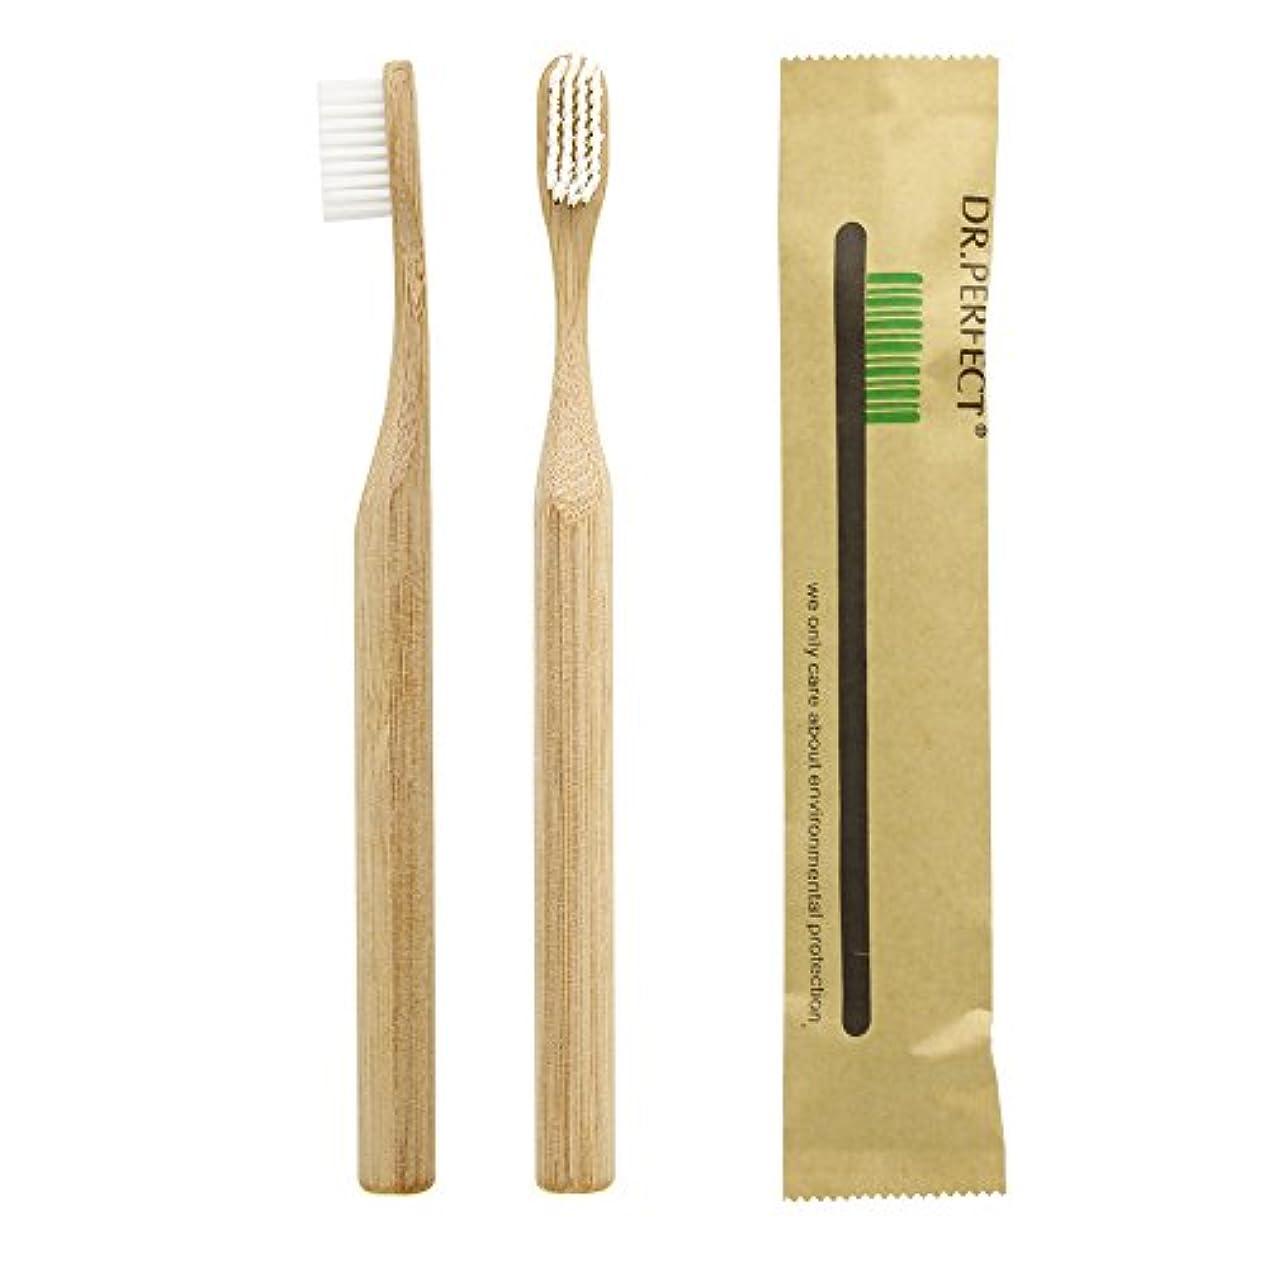 にんじん頻繁に首相Dr.Perfect Bamboo Toothbrush アダルト竹の歯ブラシ ナイロン毛 環境にやさしい製品 (ホワイト)